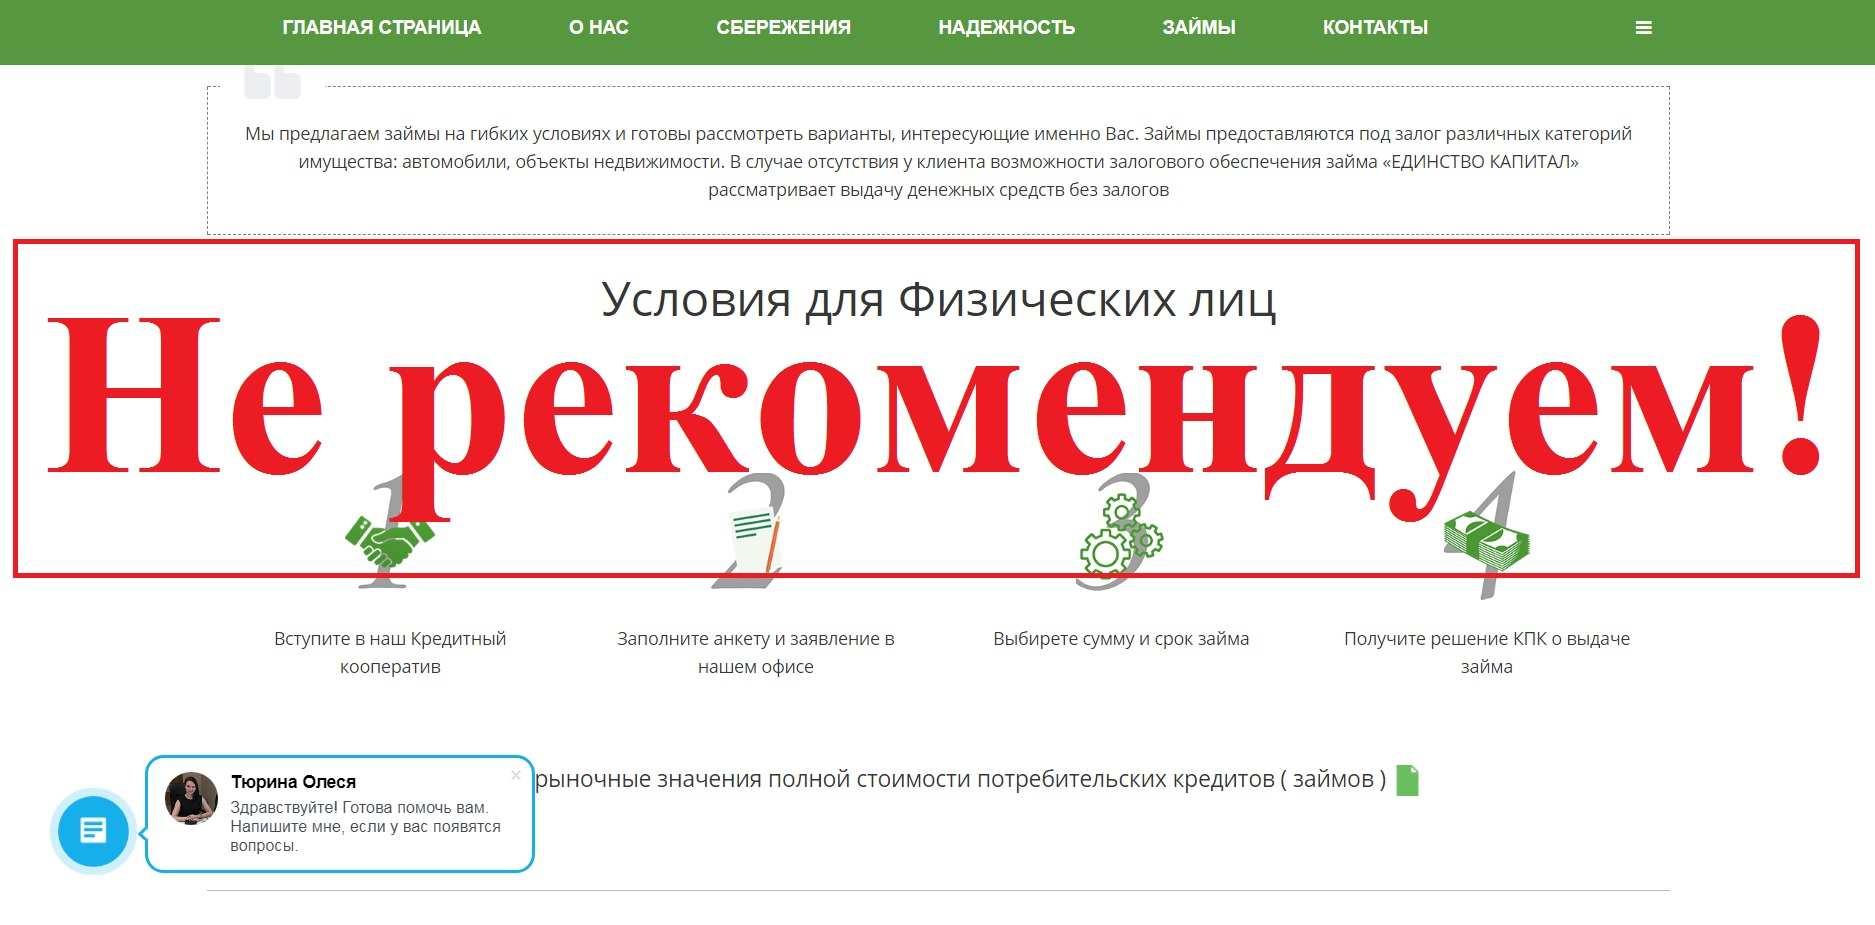 КПК Единство Капитал – отзывы о кооперативе Единство Капитал